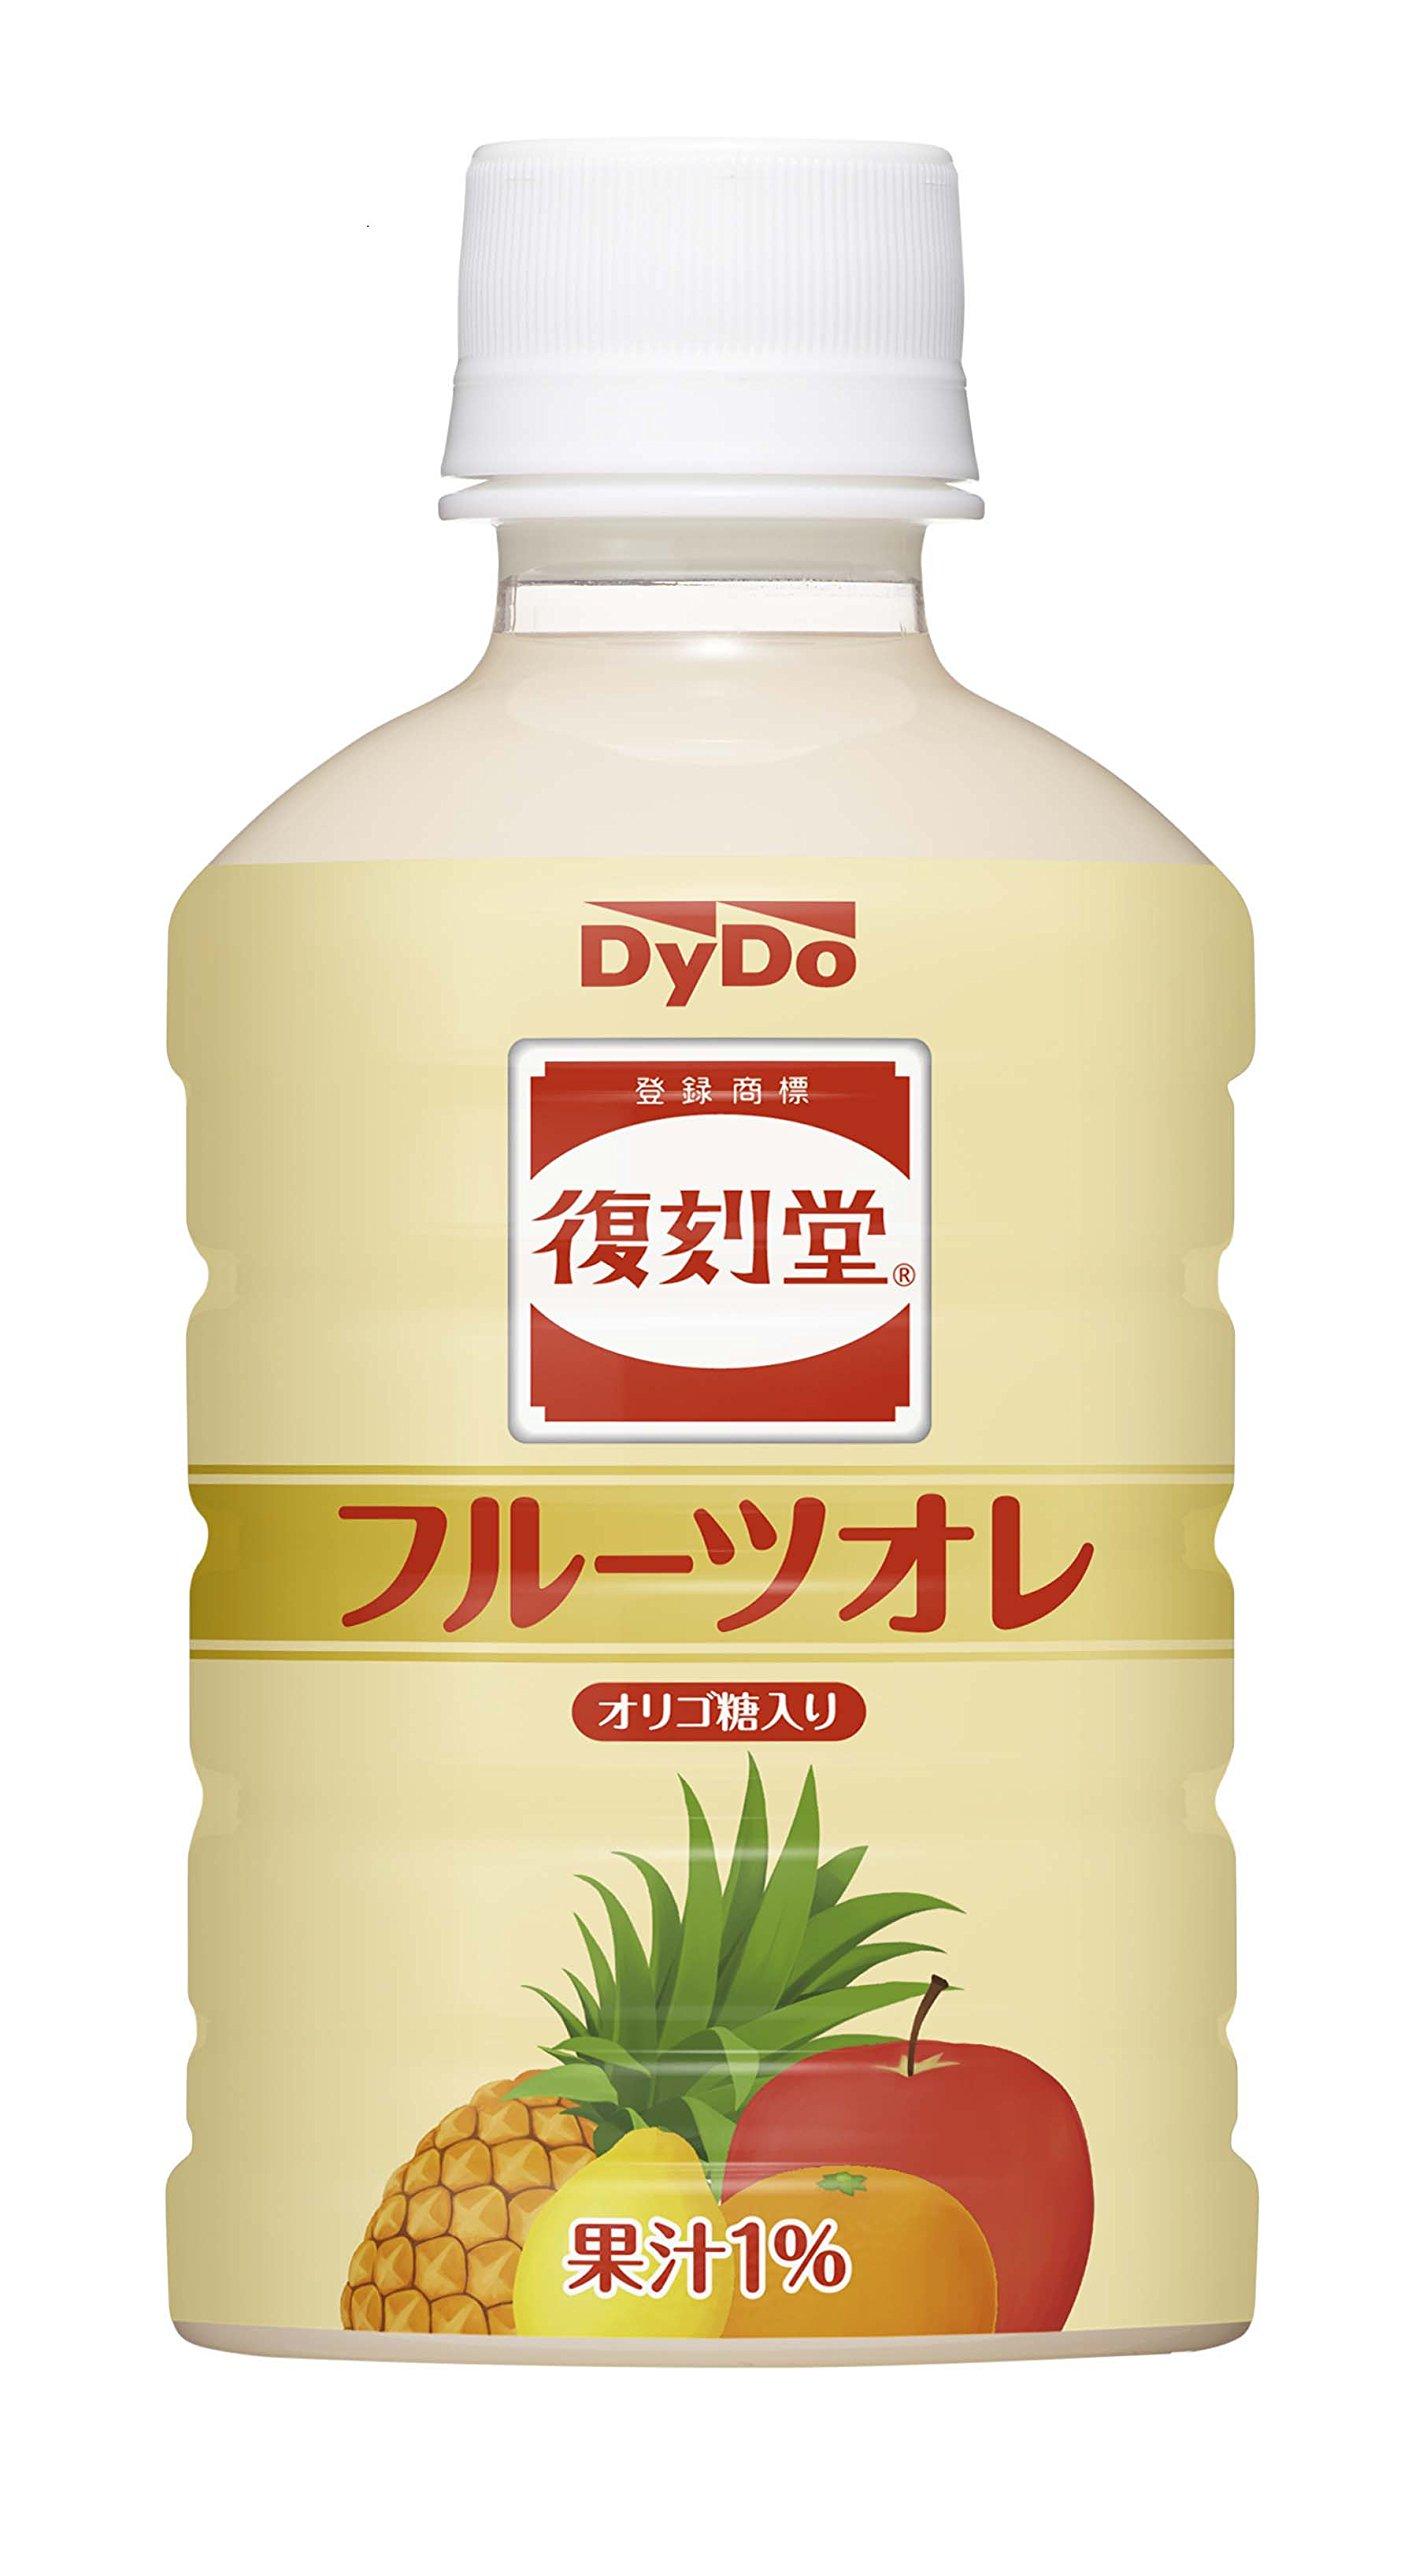 280mlX24 this Dido de Rinko Fukkokudo fruit I